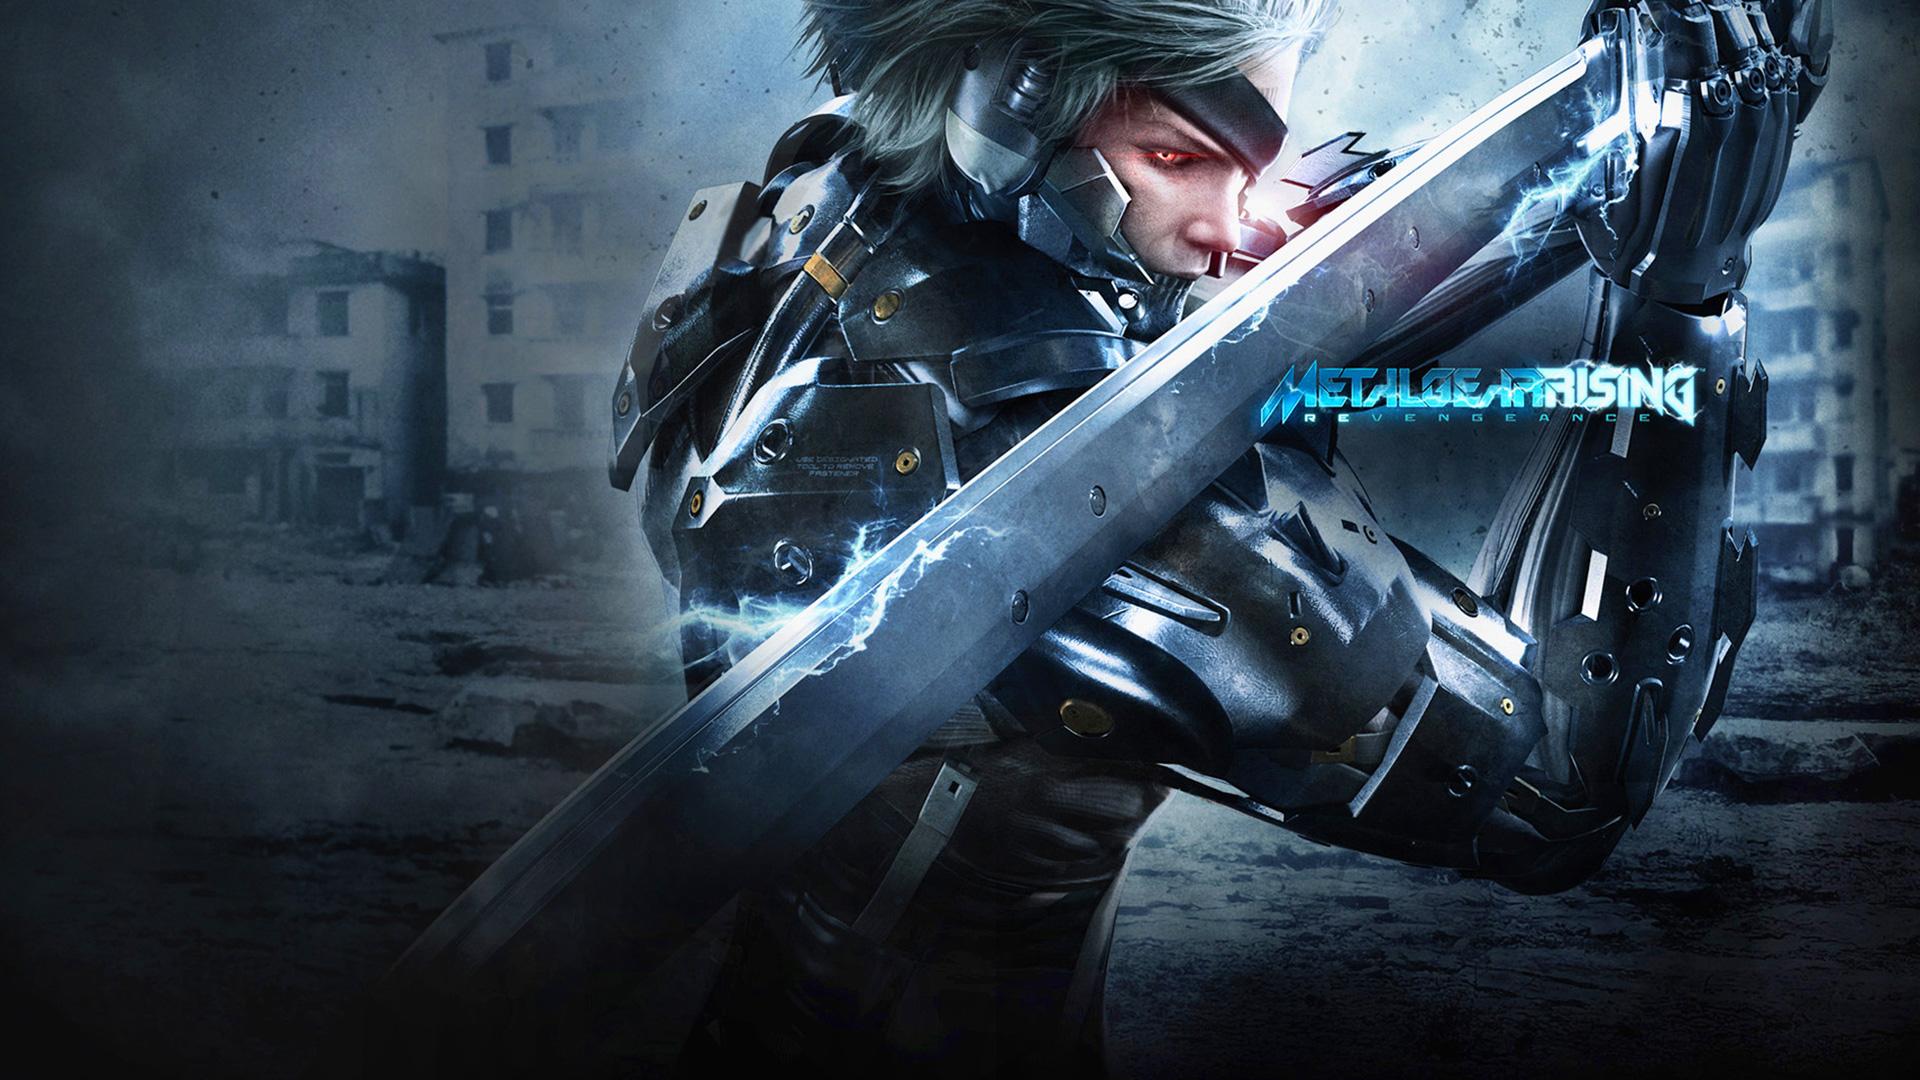 Free Metal Gear Rising: Revengeance Wallpaper in 1920x1080